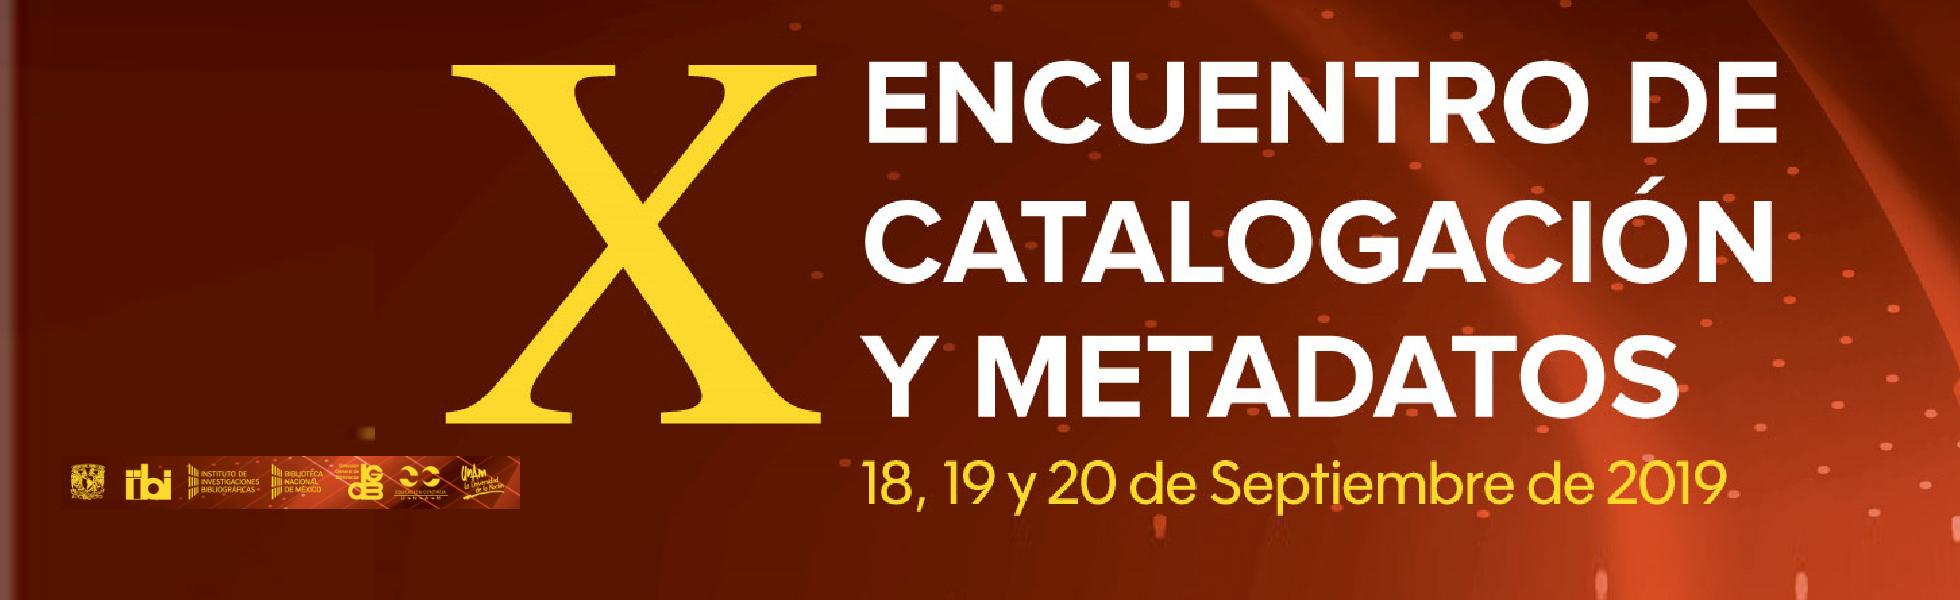 X ENCUENTRO DE CATALOGACIÓN Y METADATOS